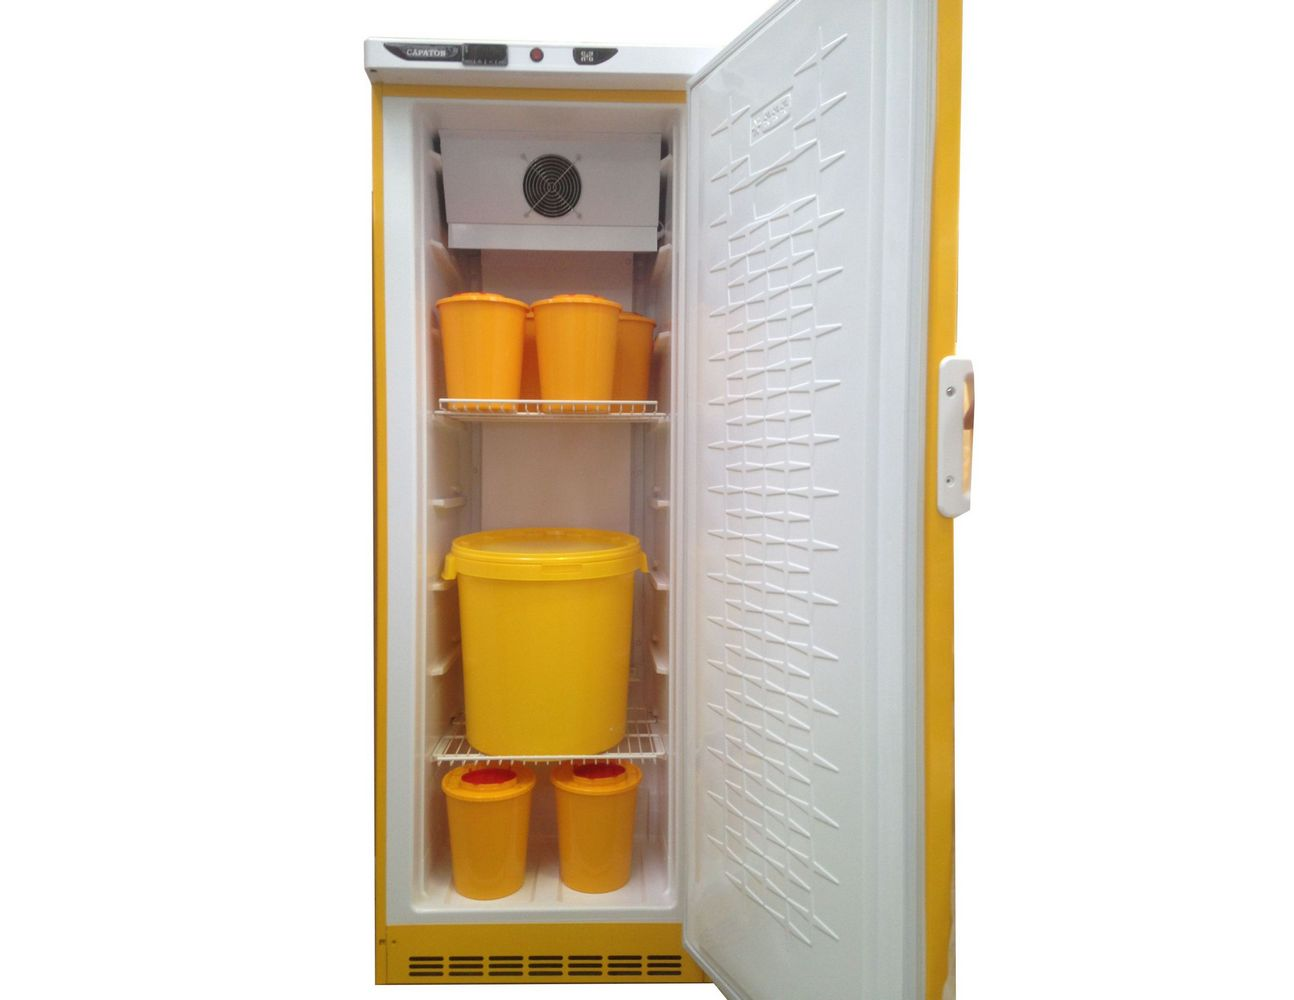 холодильник с емкостями для медотходов